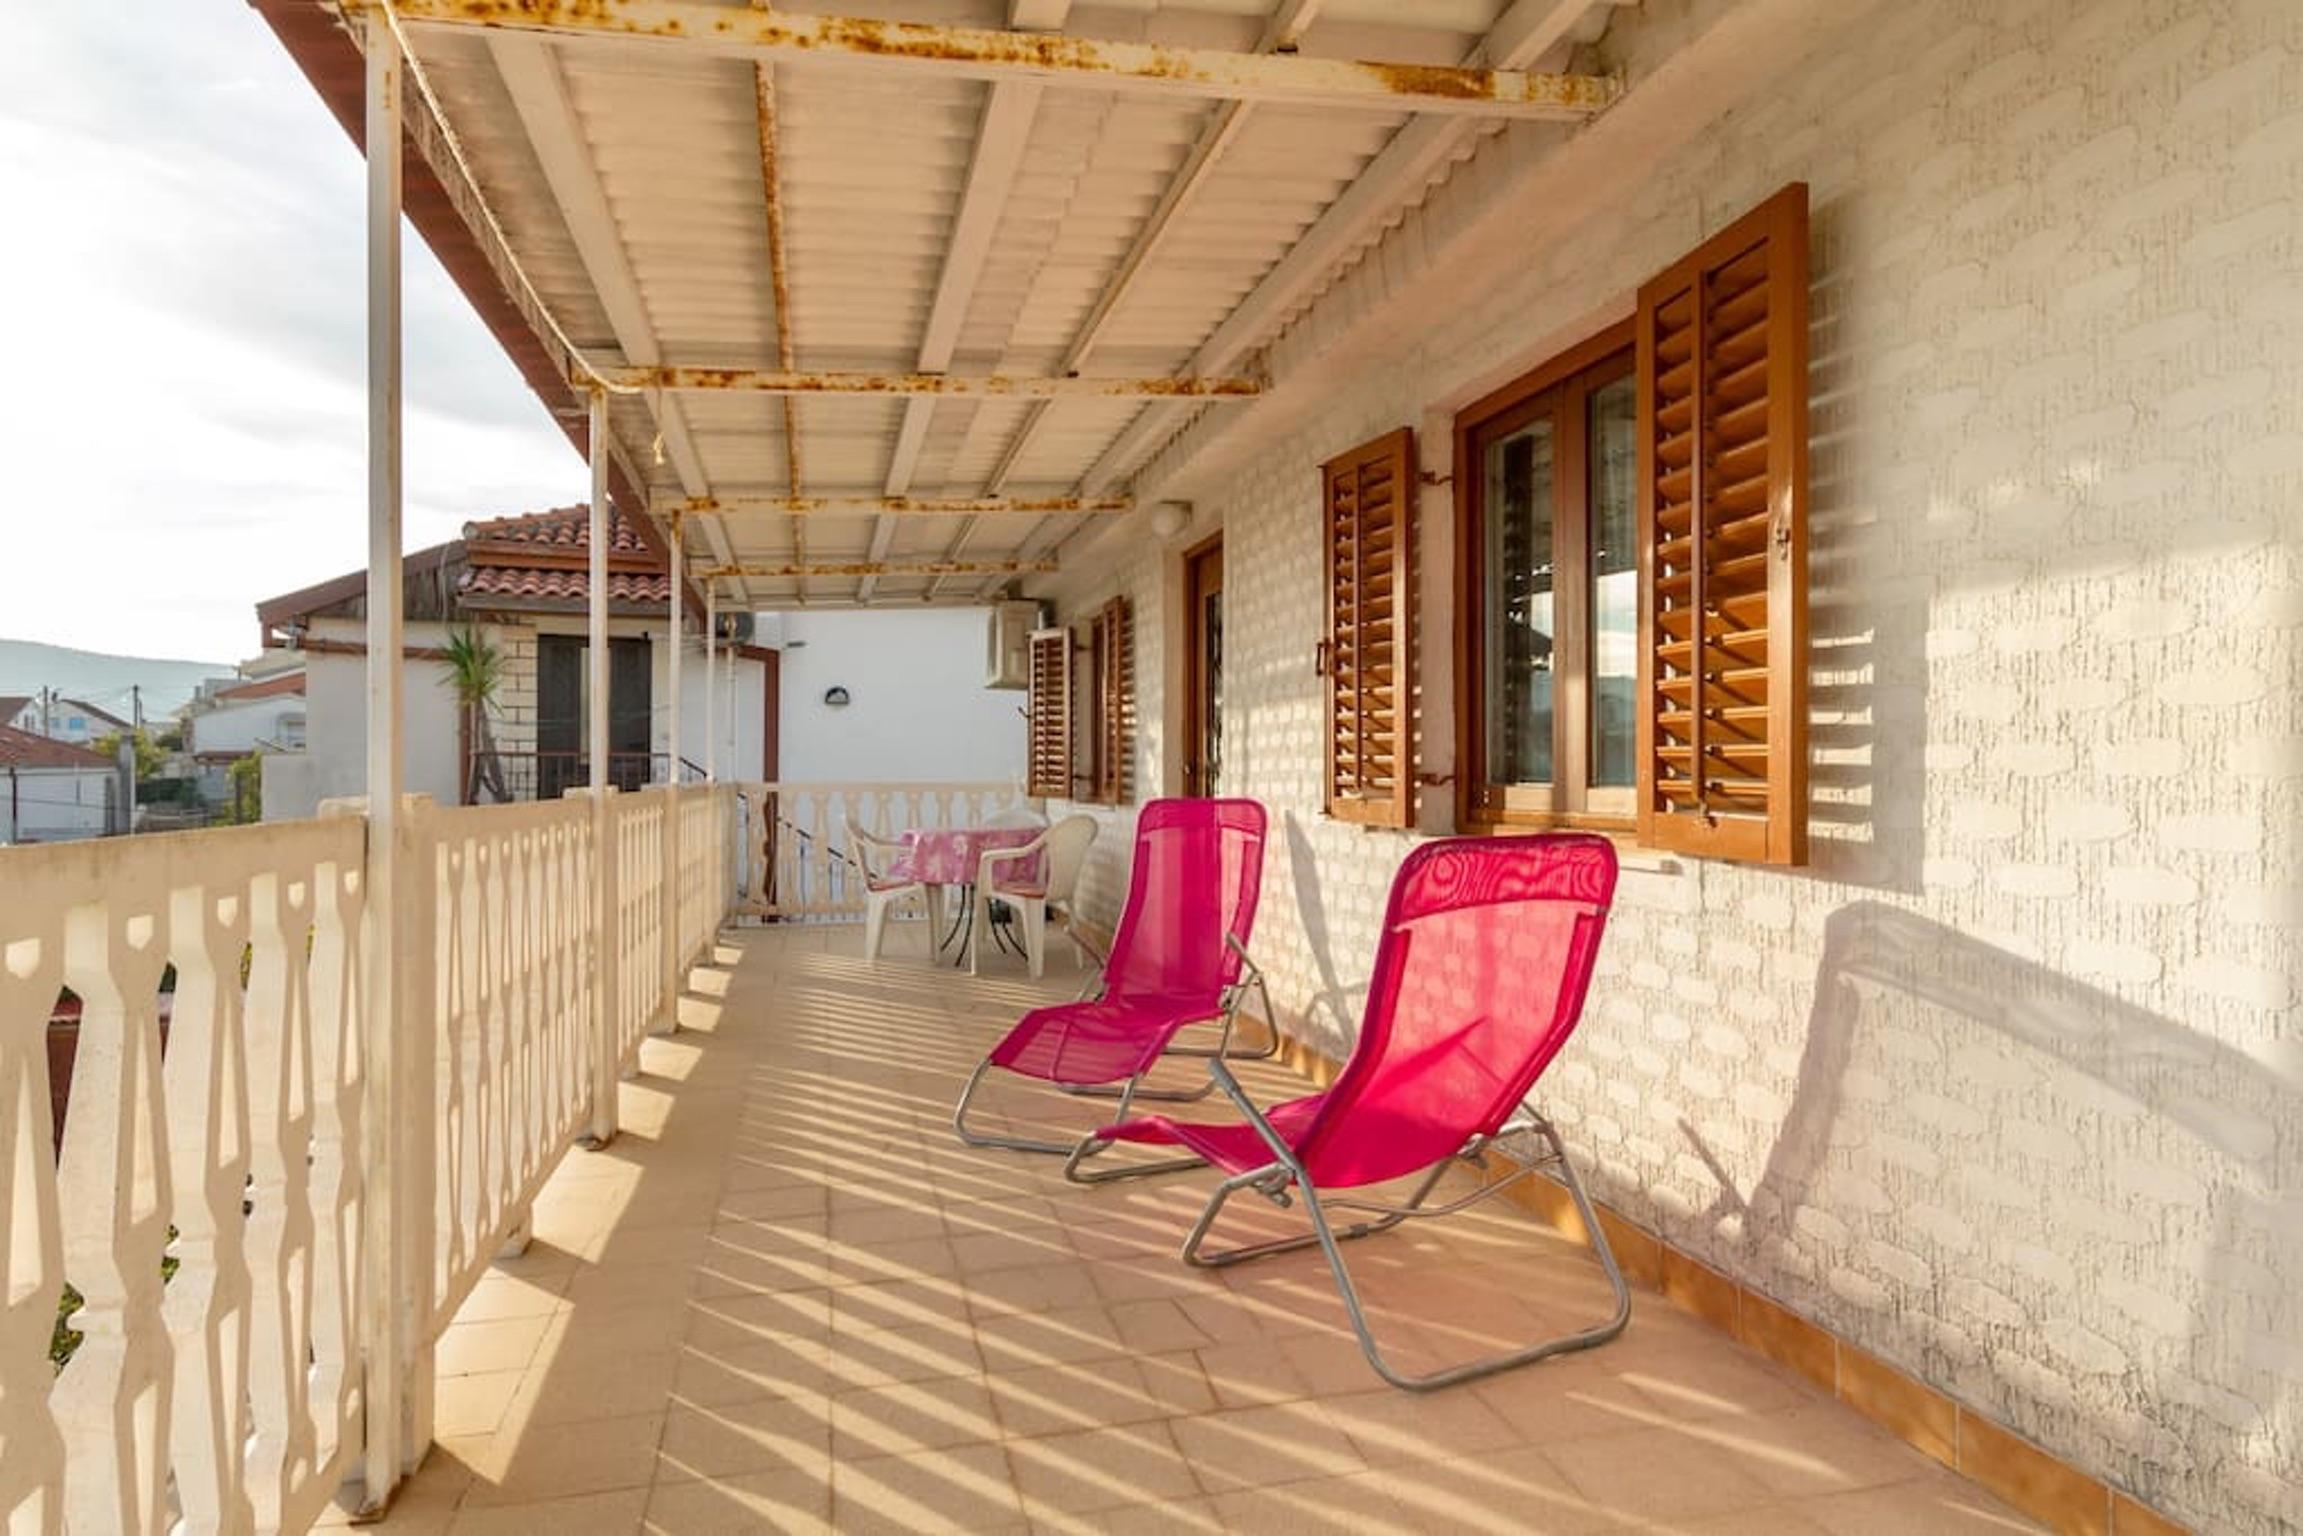 Ferienwohnung Wohnung mit 3 Zimmern in Seget Vranjica mit herrlichem Meerblick und eingezäuntem Garten - (2339638), Seget Donji, , Dalmatien, Kroatien, Bild 2